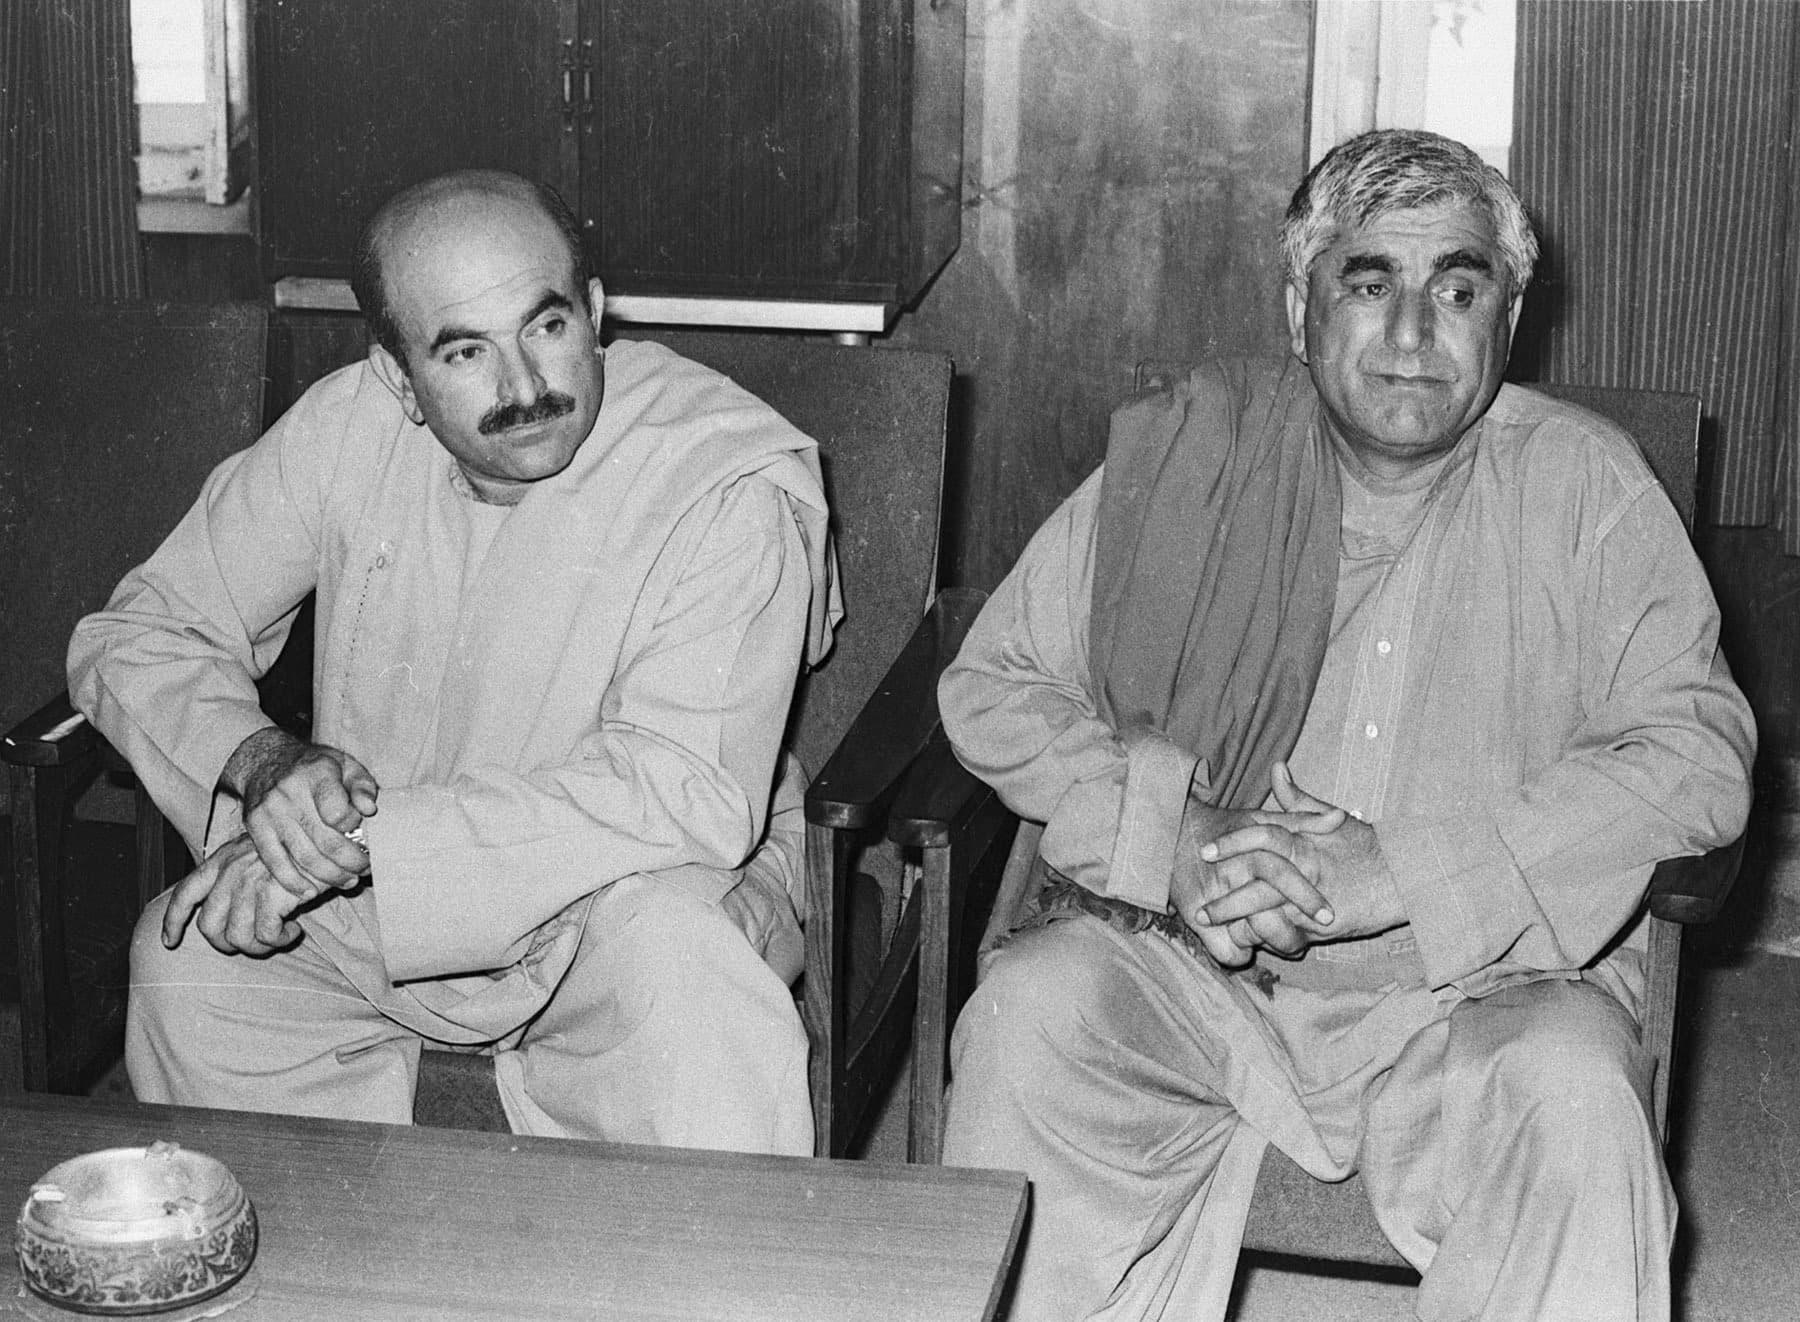 پختونخوا ملی عوامی پارٹی کے رہنما محمود خان اچکزئی (بائیں) اور عبدالرحیم مندوخیل کراچی پریس کلب کے جلیس ہال میں رپورٹرز سے مخاطب ہیں— تصویر بشکریہ زاہد حسین